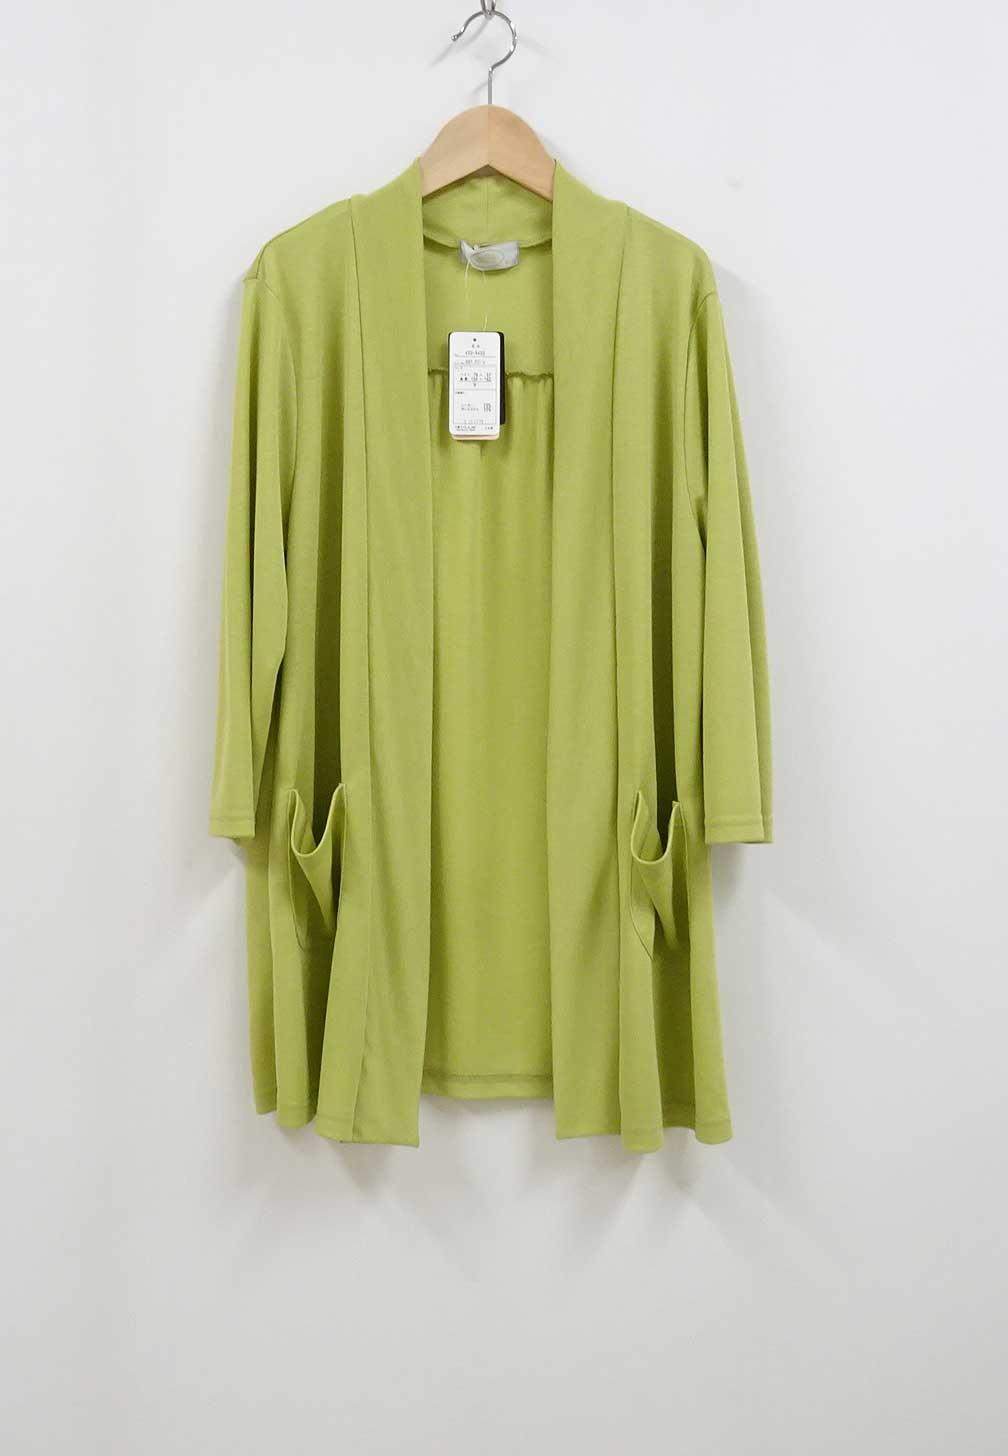 肌に優しい7分袖丈カーディガン日本製グリーン